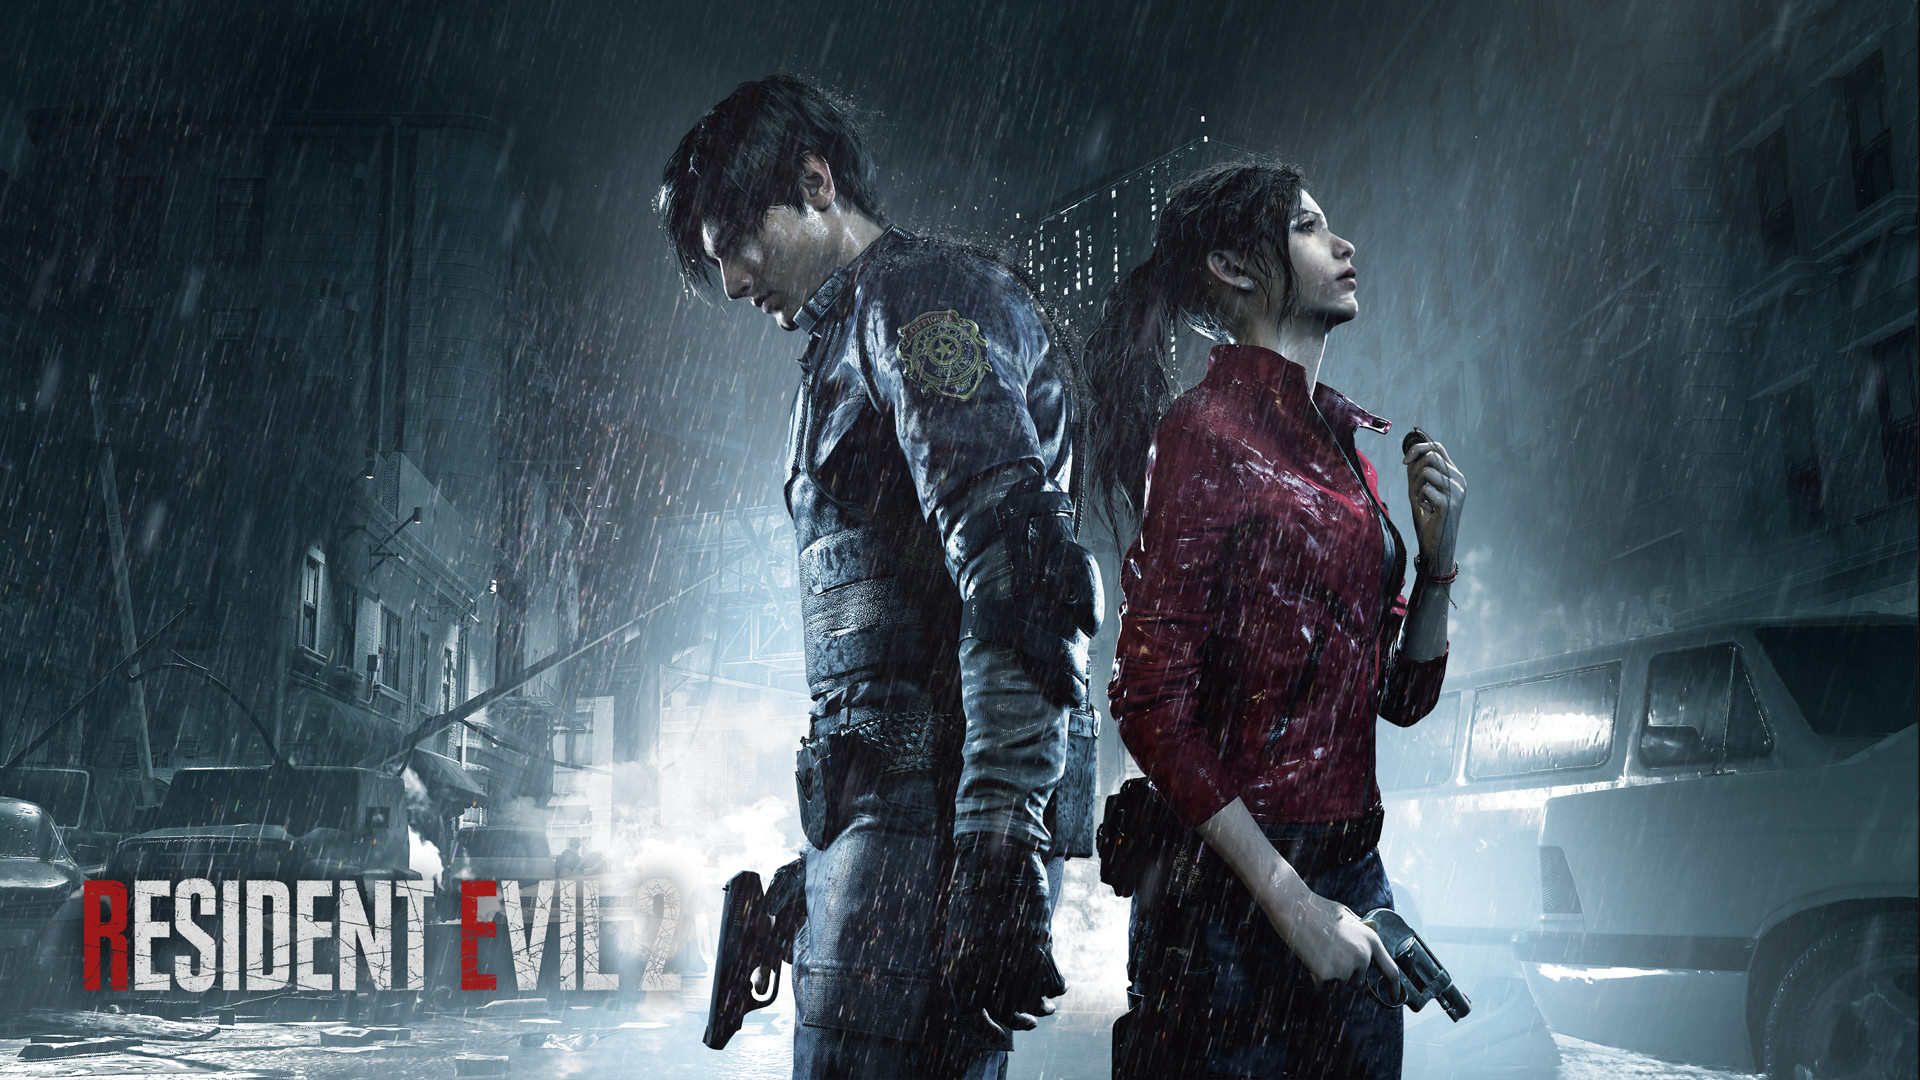 به زودی Resident Evil 2 Remake اهریمن ساکن 2 نسخه دوبله فارسی